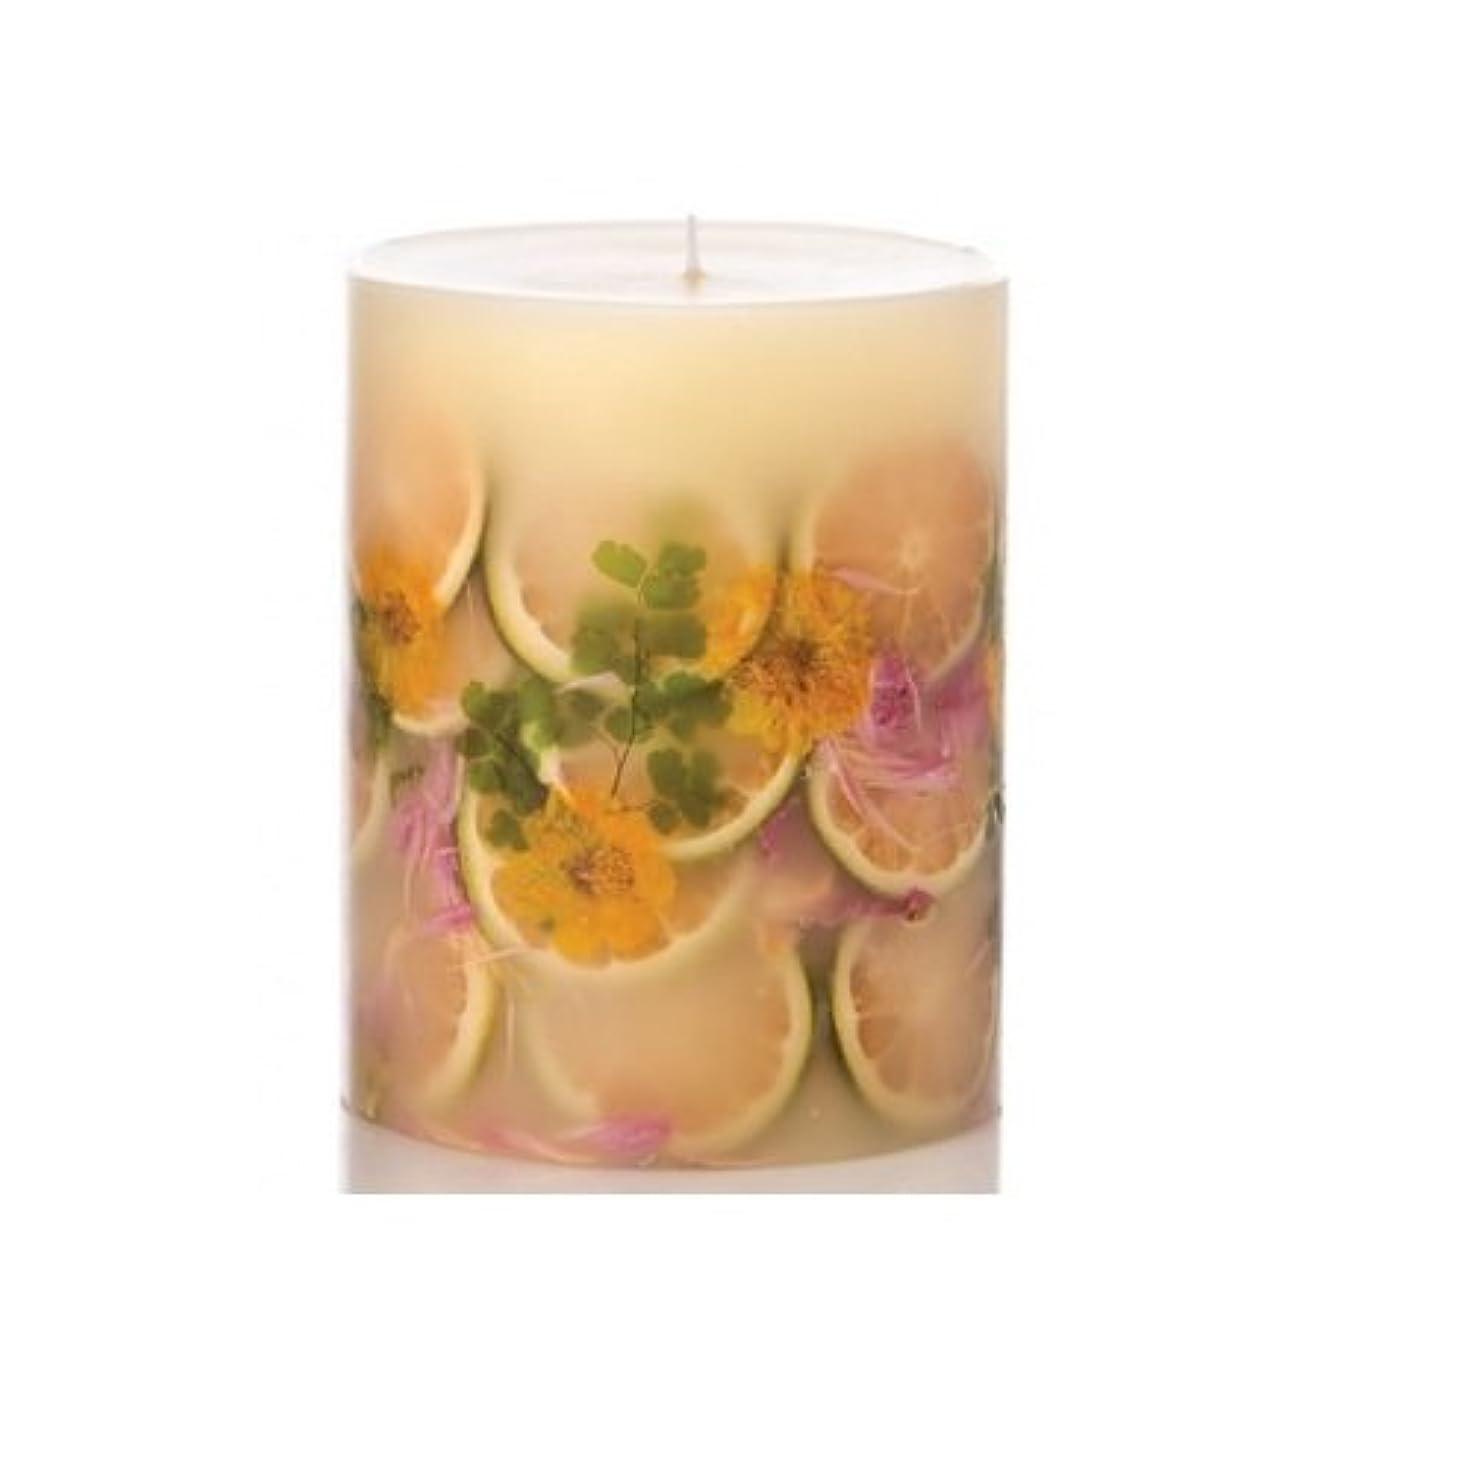 致命的な出会いなだめるRosy Rings Lemon Blossom & Lycheeトールラウンド香りのキャンドル、5